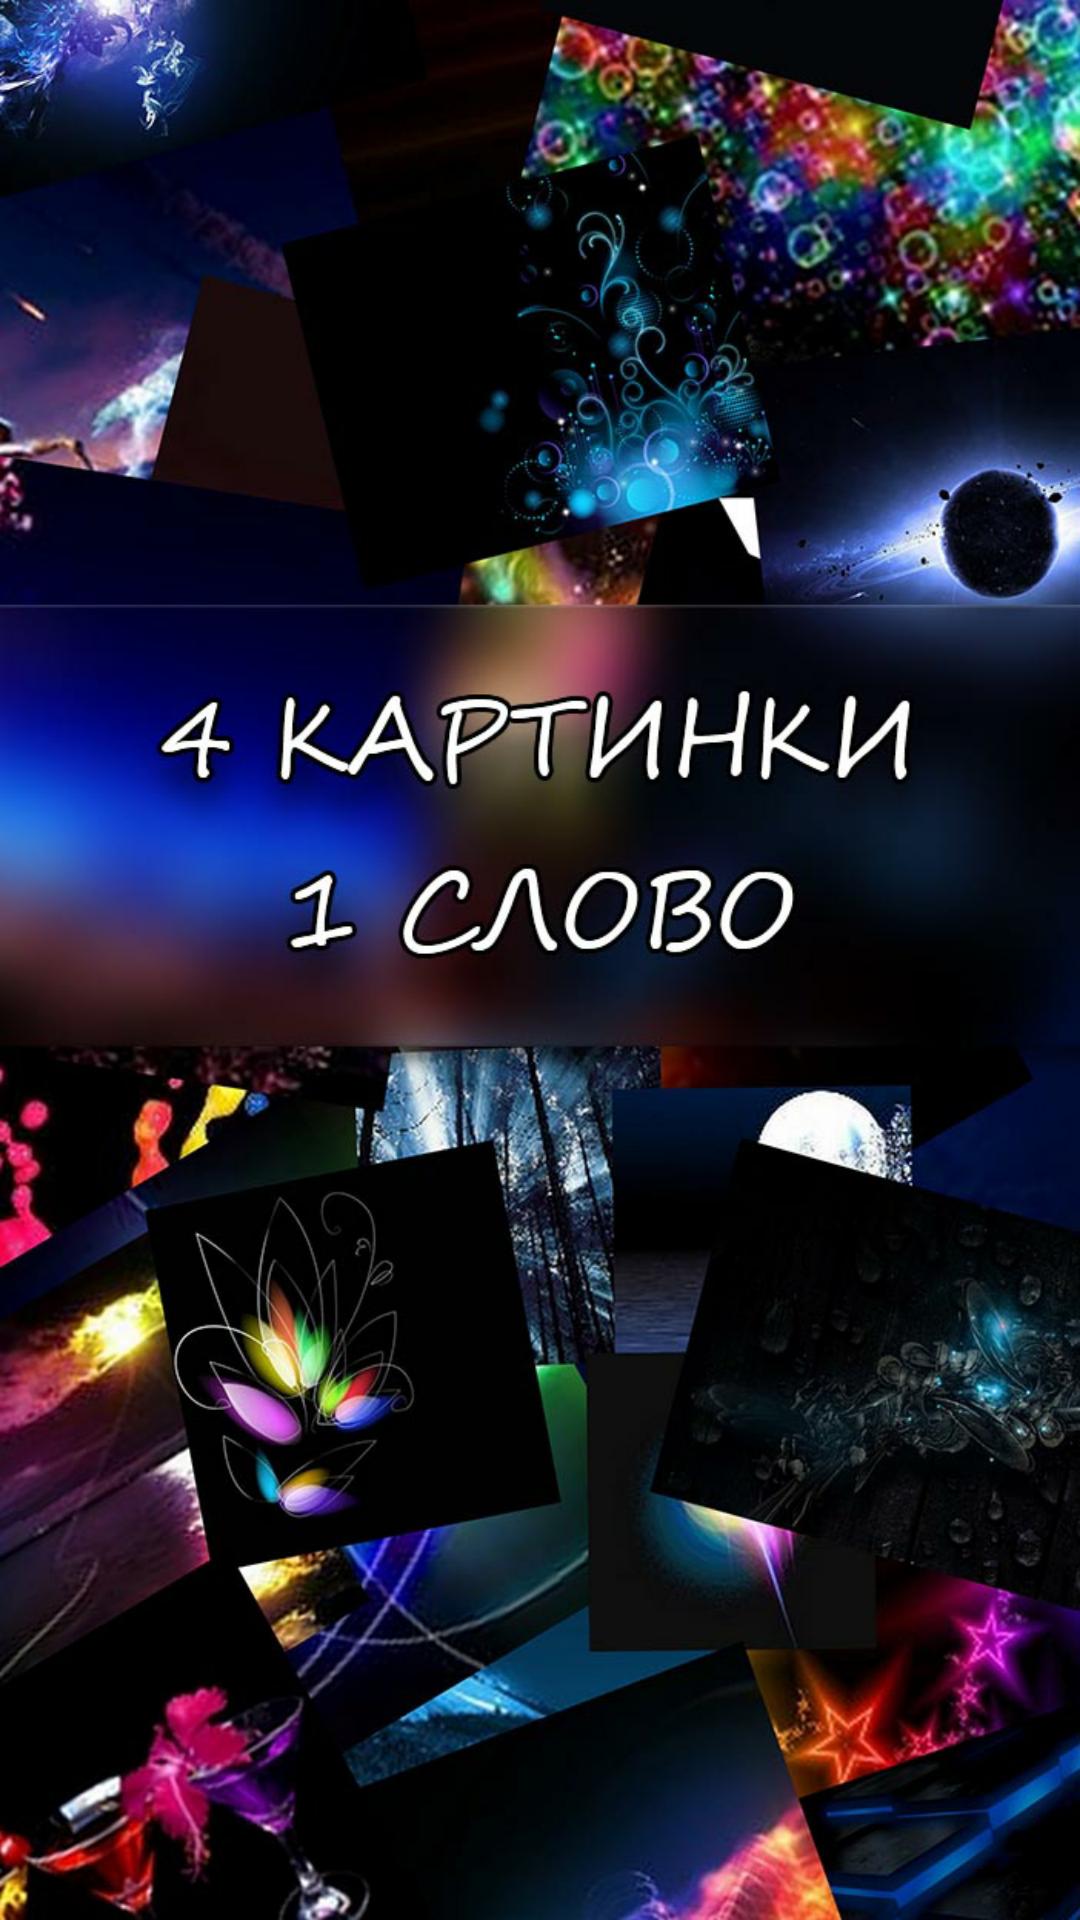 4 картинки 1 слово